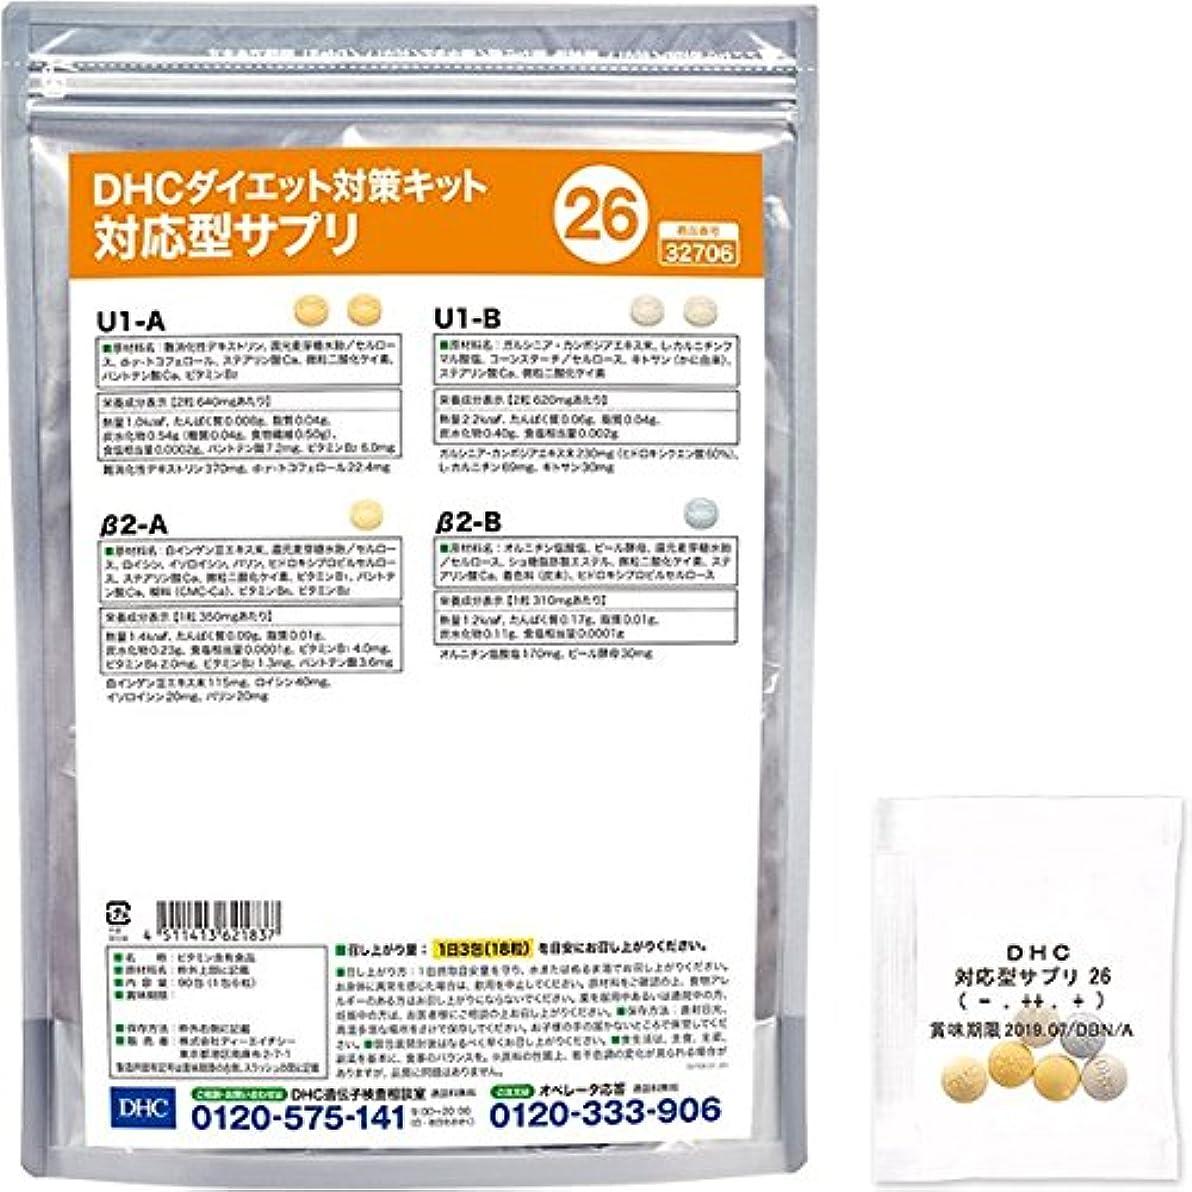 手首キャンドル死の顎DHCダイエット対策キット対応型サプリ26